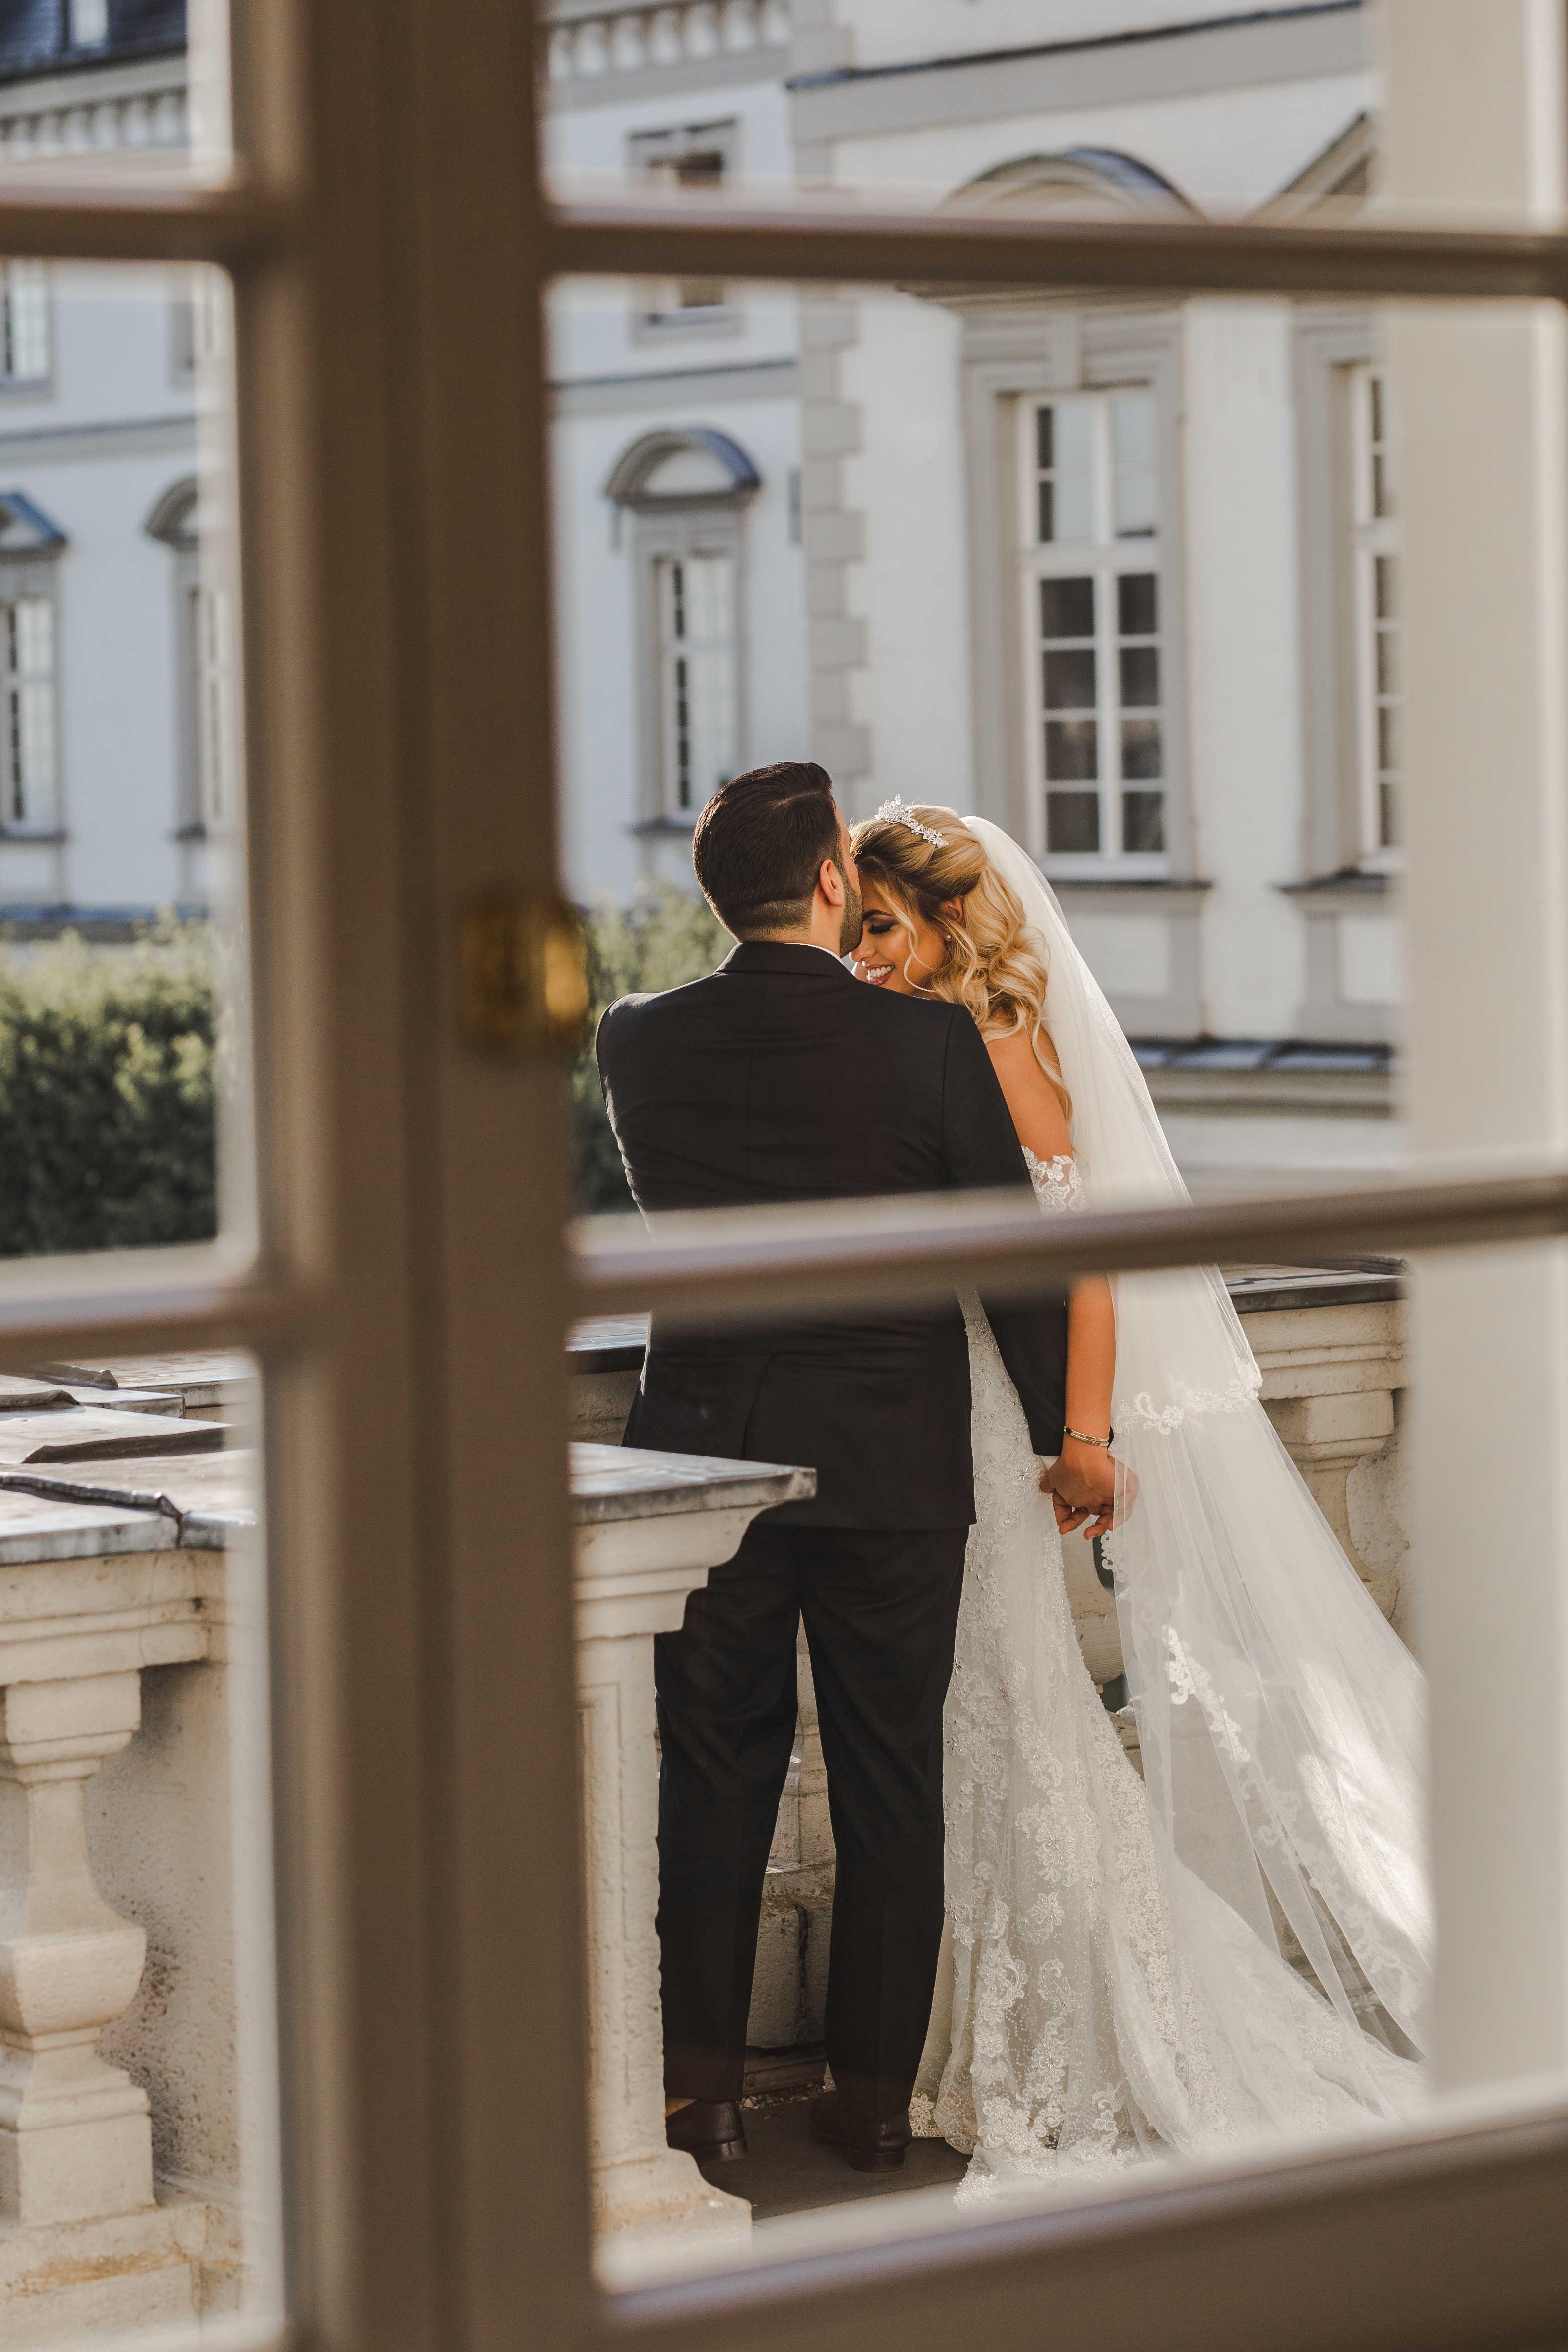 Darman und Leila heiraten in einem zauberhaften Schloss